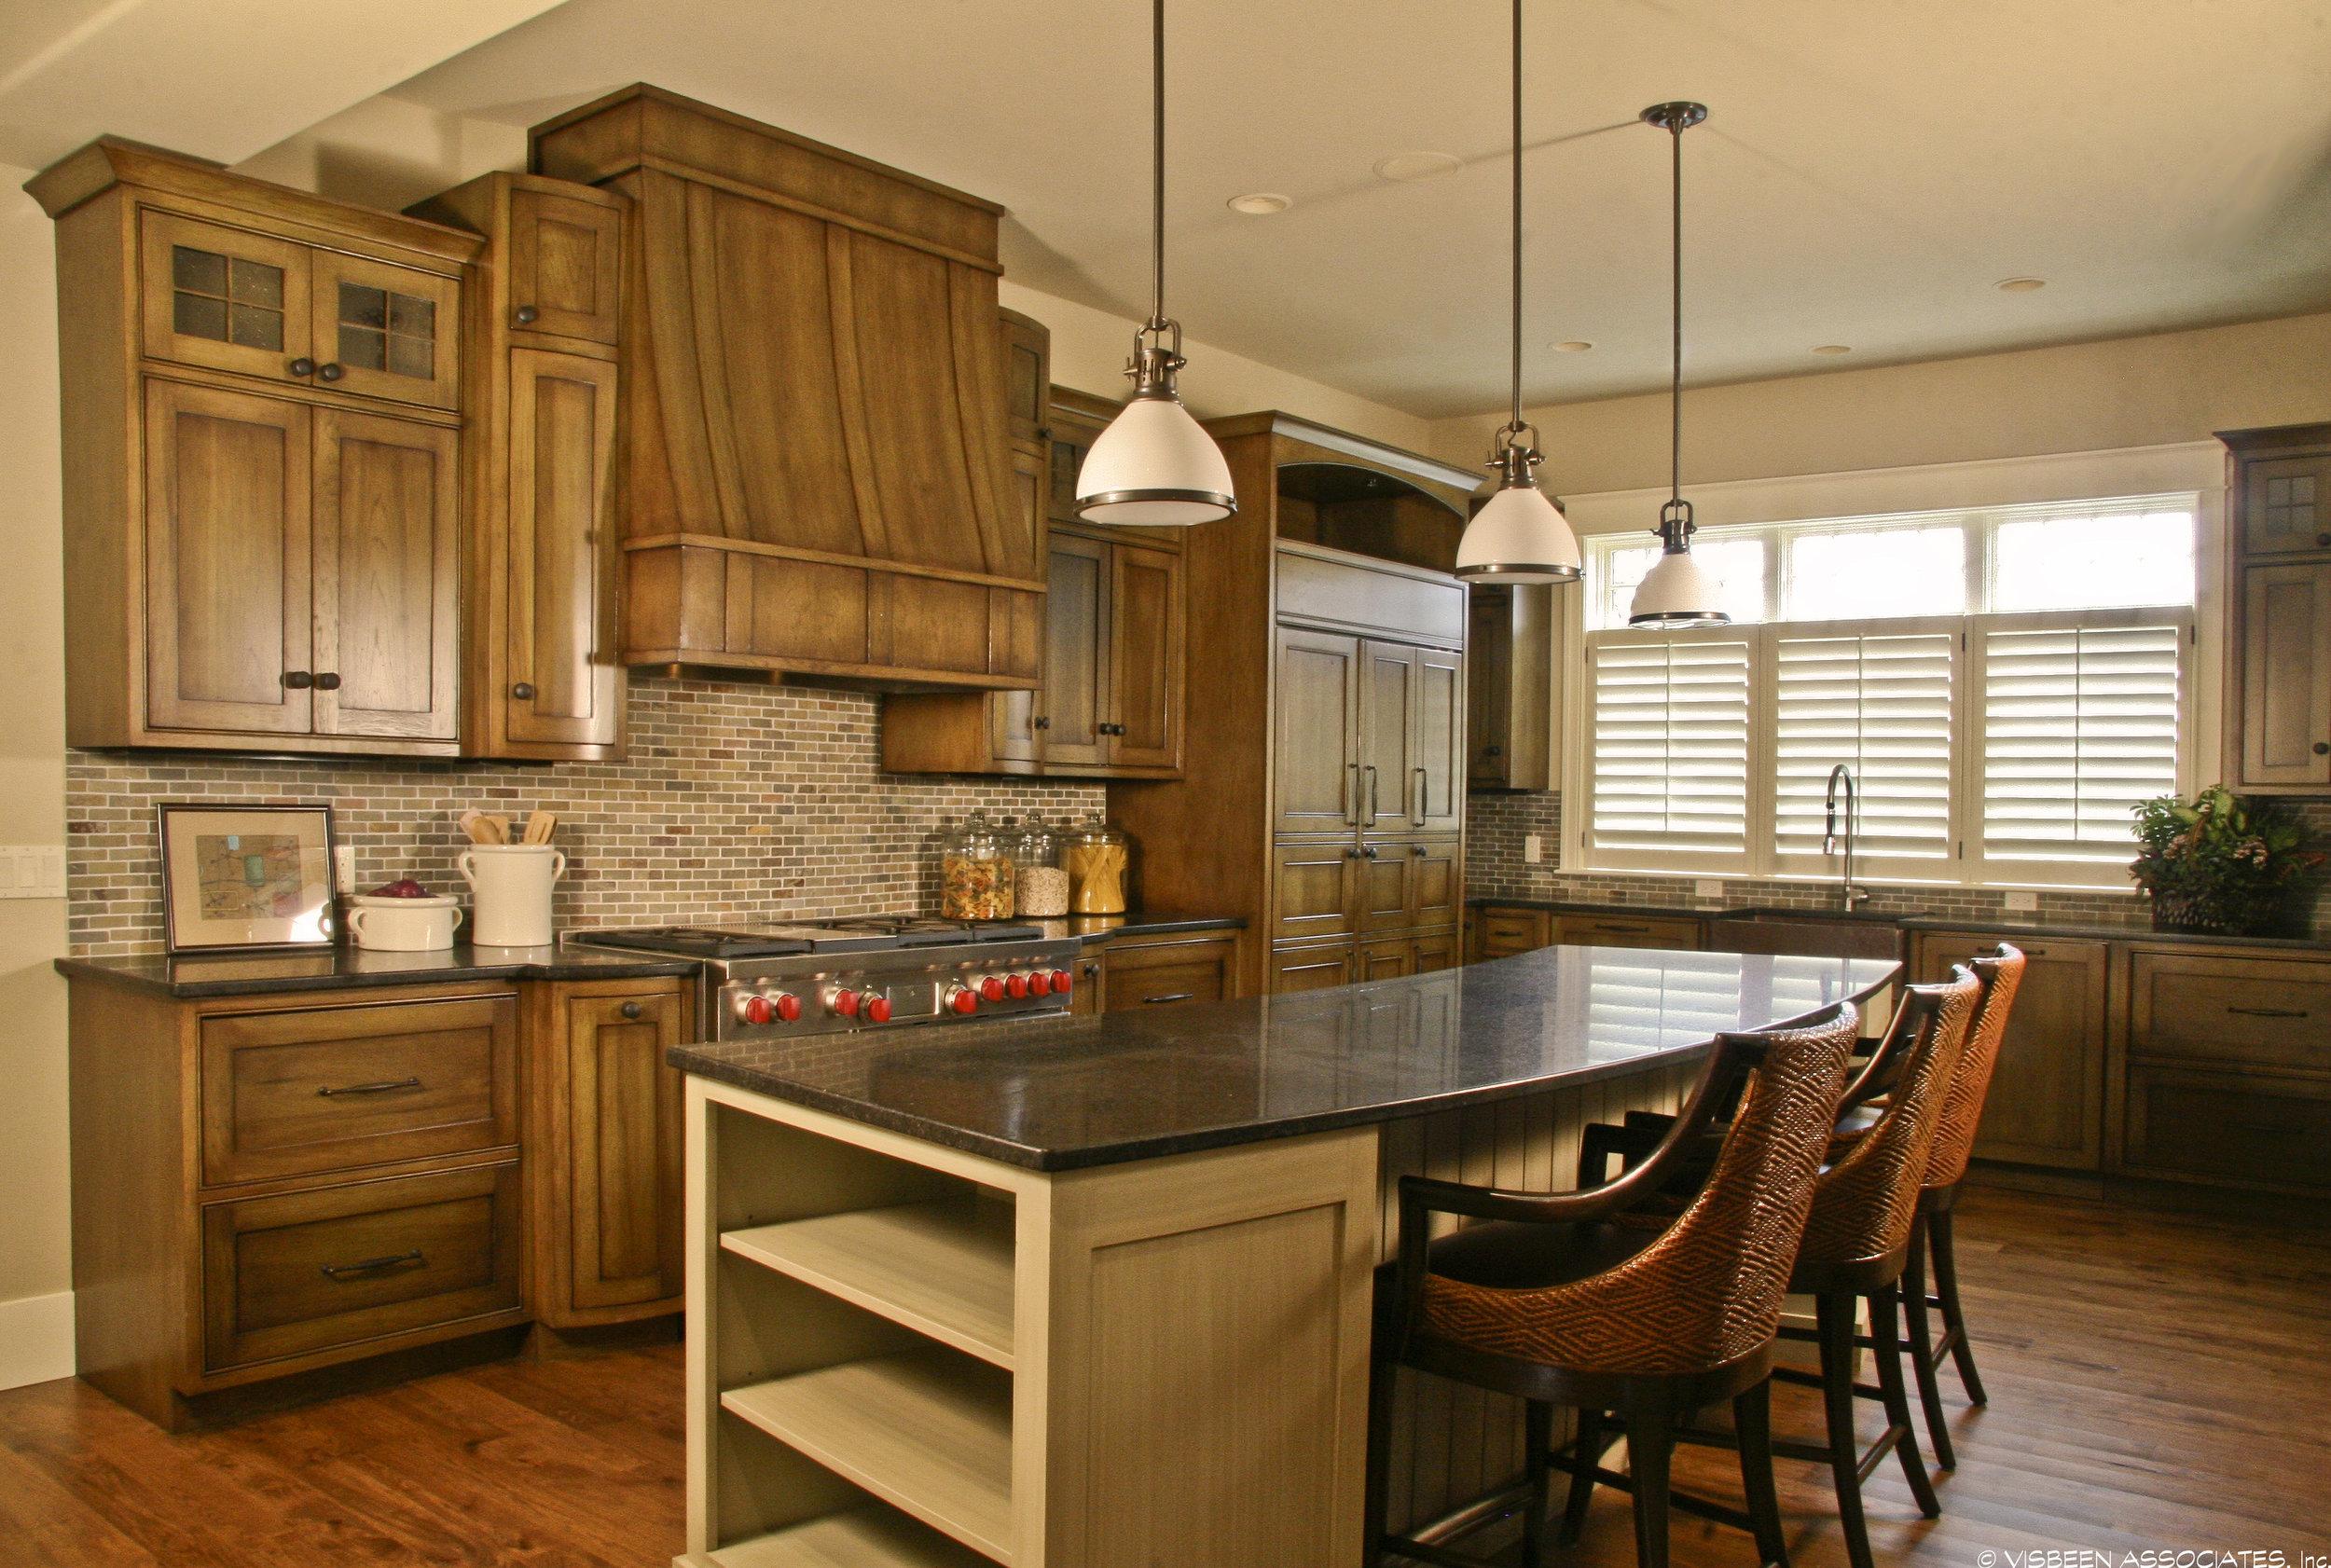 Kitchen - 0610-1.jpg